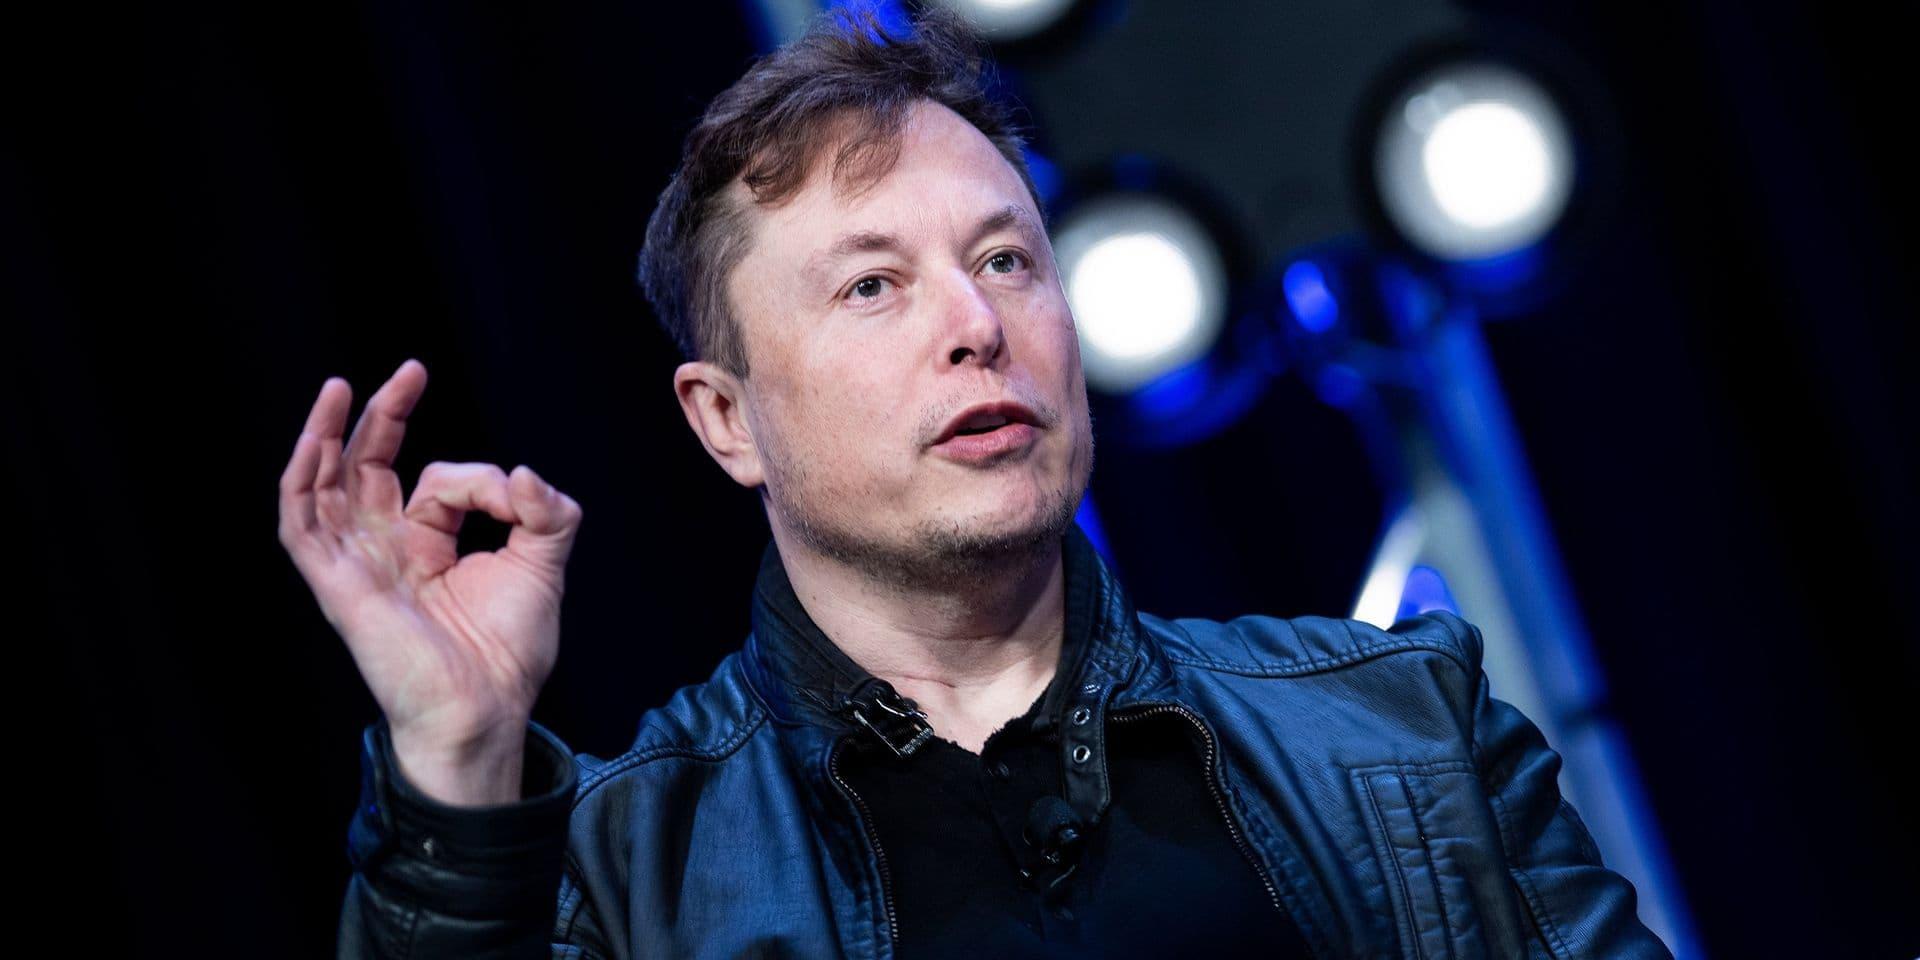 Comme Elon Musk, ces milliardaires sont neurodivergents